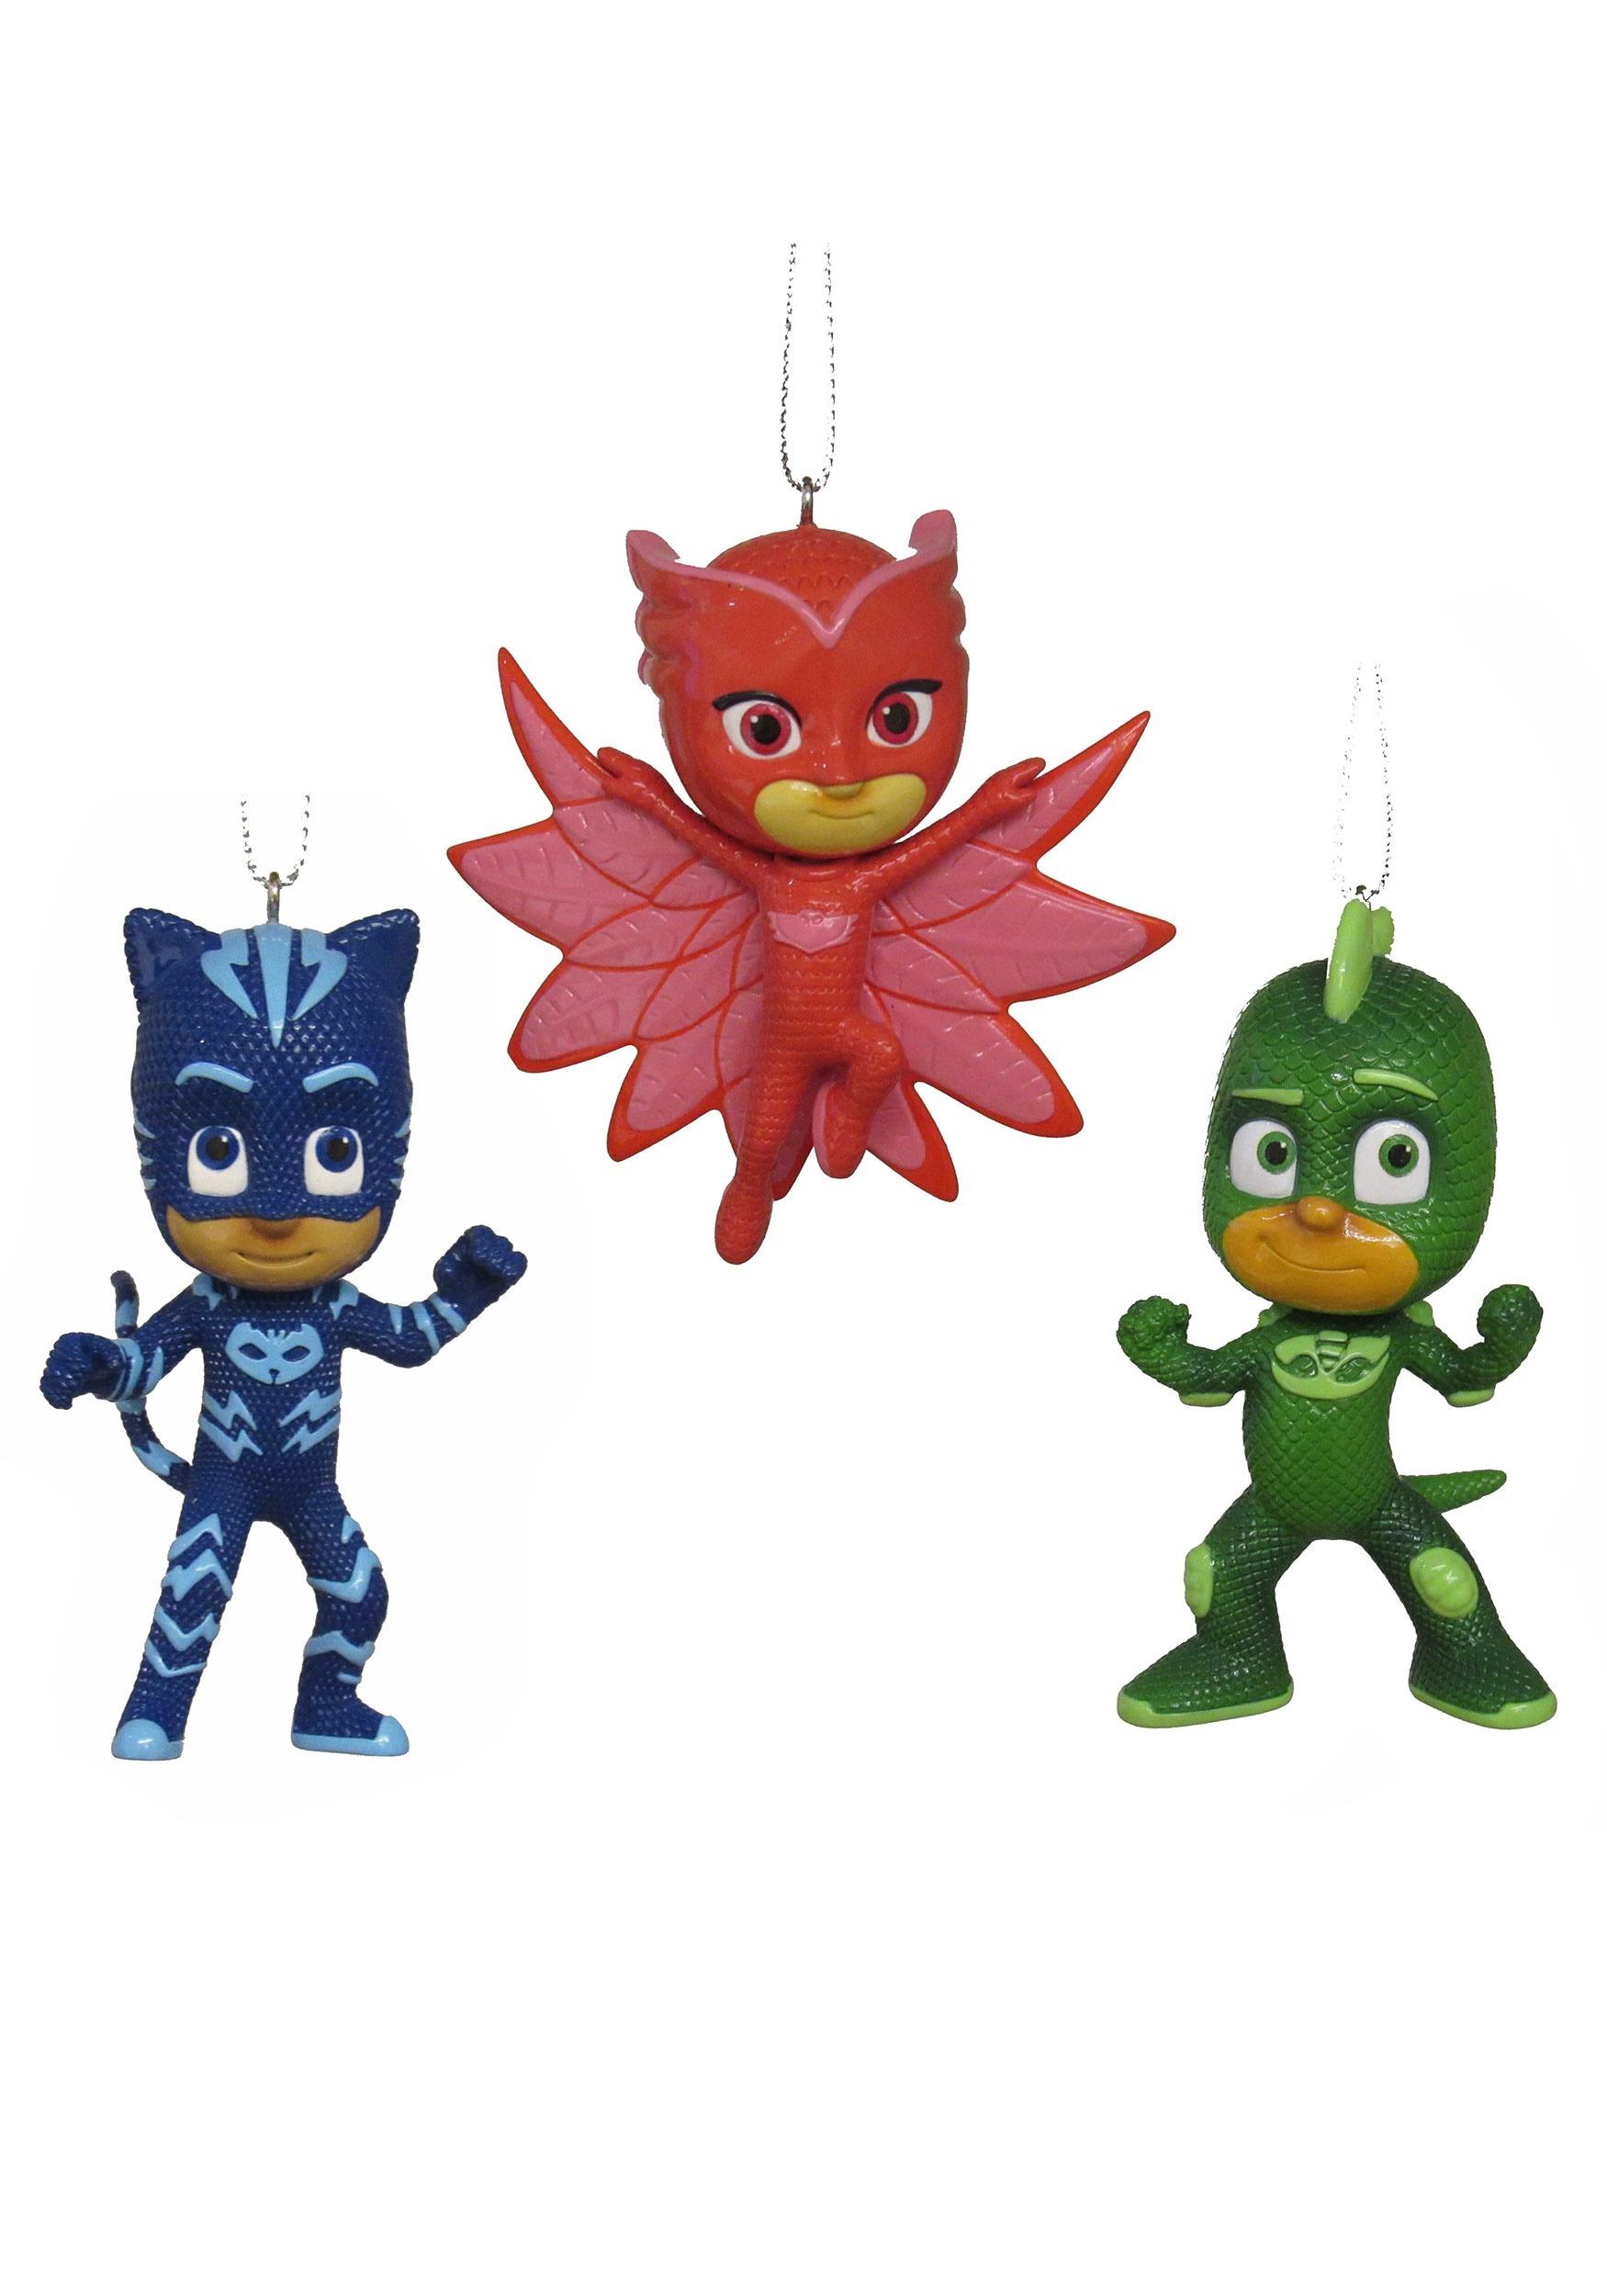 Pj Masks 3 Pack Ornament Set